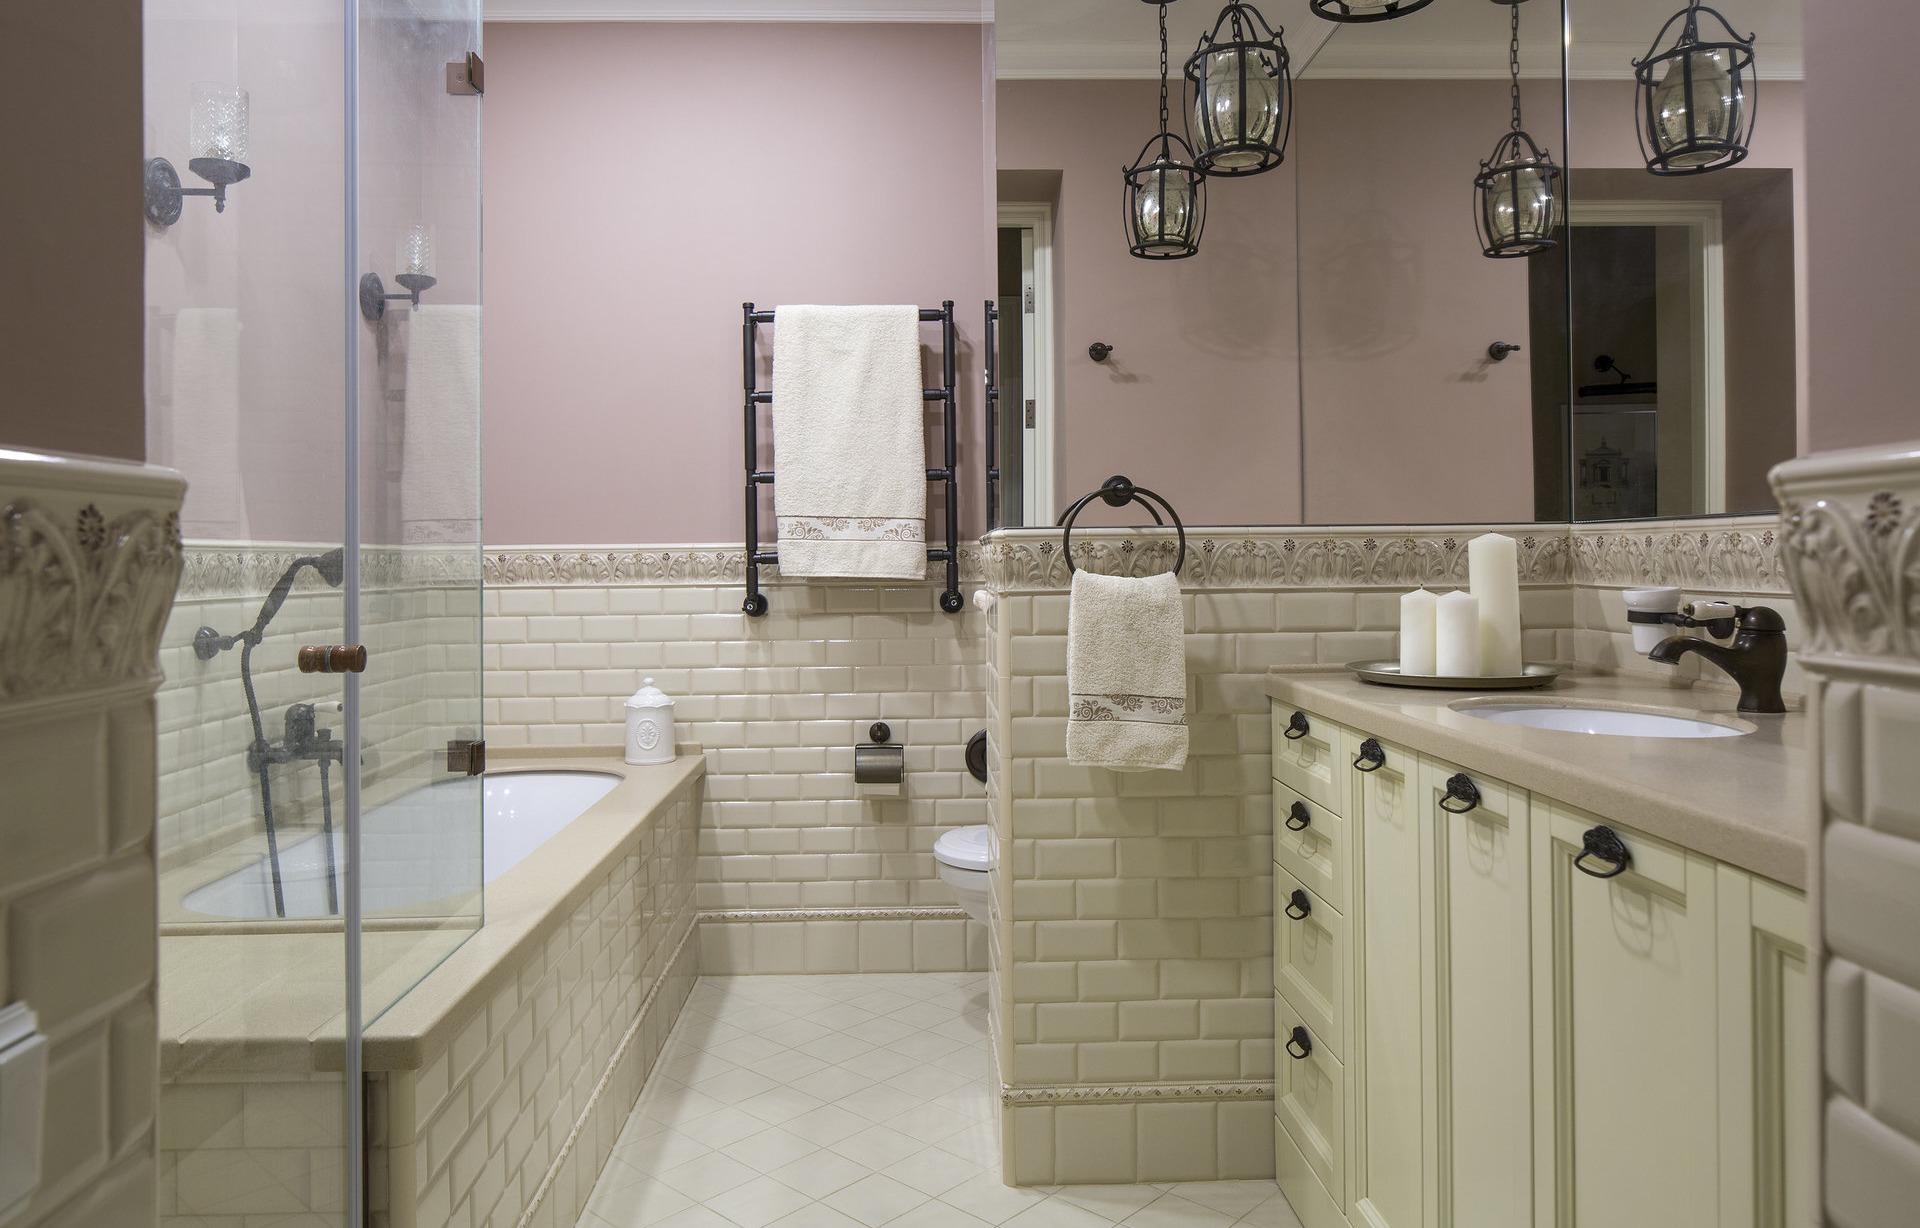 Хотите совместить санузел в квартире объединить ванную с туалетом Подробная инструкция в 8 этапов как согласовать и узаконить эту перепланировку